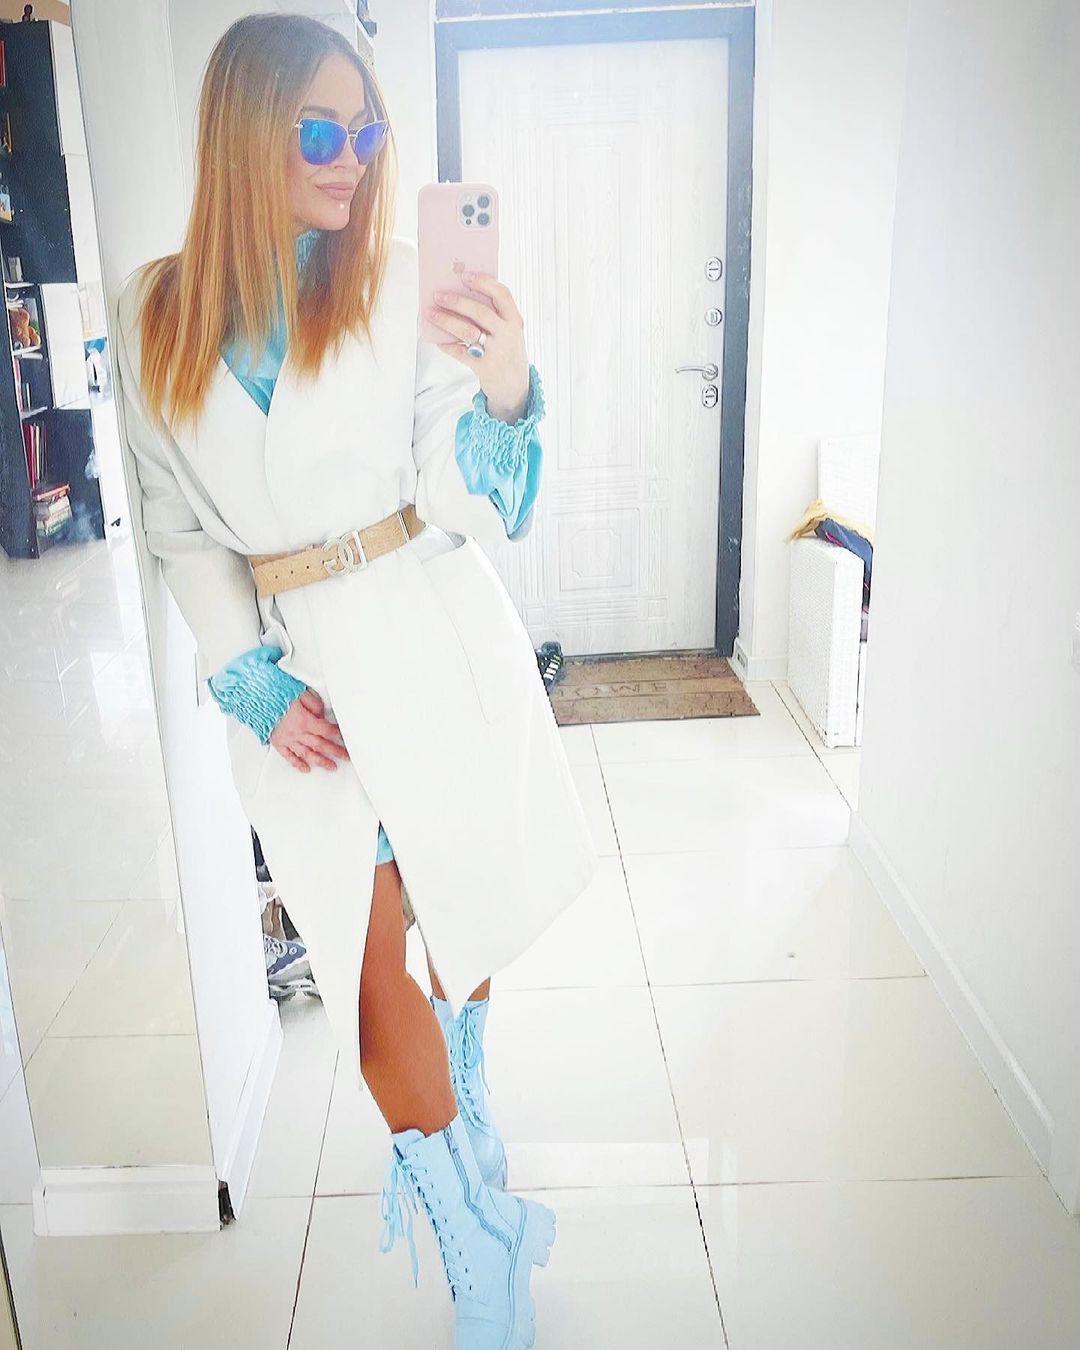 Рейтинг дня: Таня Терёшина выбрала для весенней прогулки белое пальто и голубые ботинки